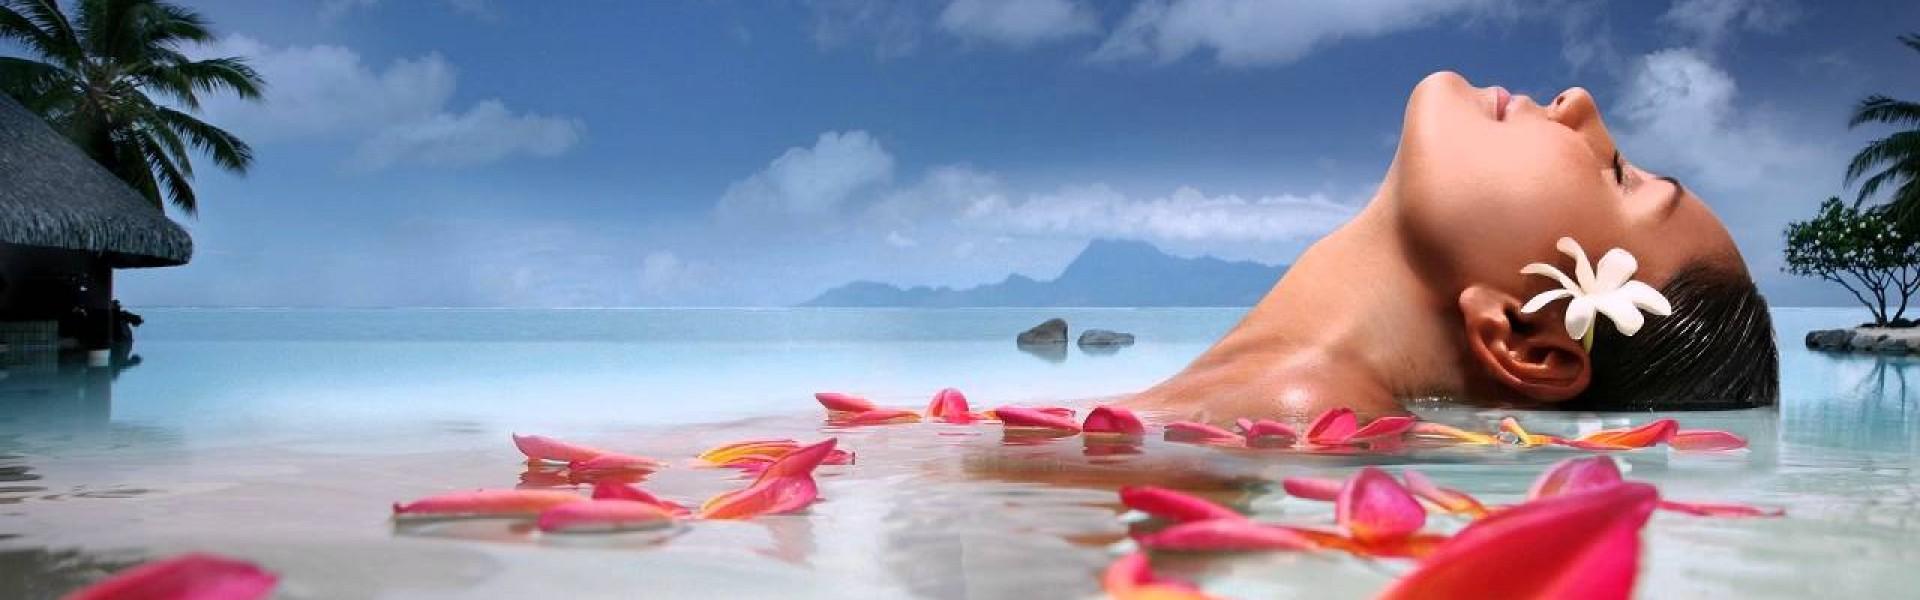 CHRIS MANGEART | Yoga, Développement personnel, Ayurveda Thonon, Evian, Haute-Savoie 74